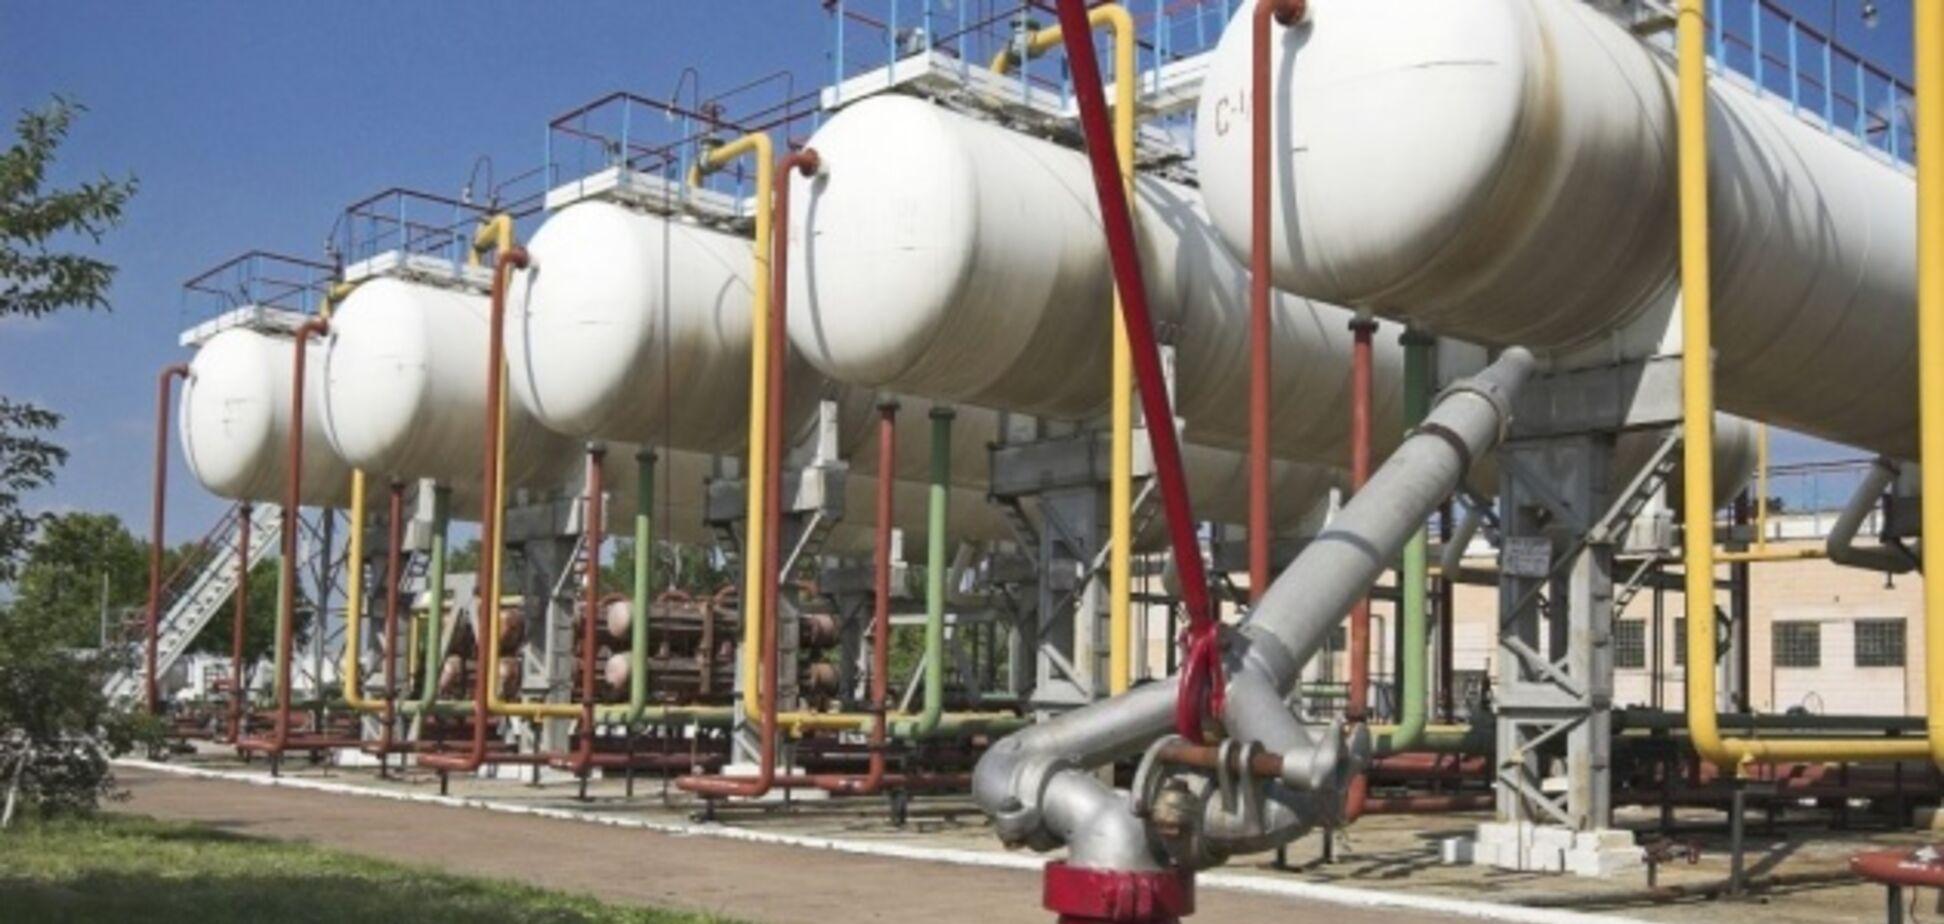 Введение пошлины на импорт дизтоплива недопустимо, – работодатели обратились к Гончаруку